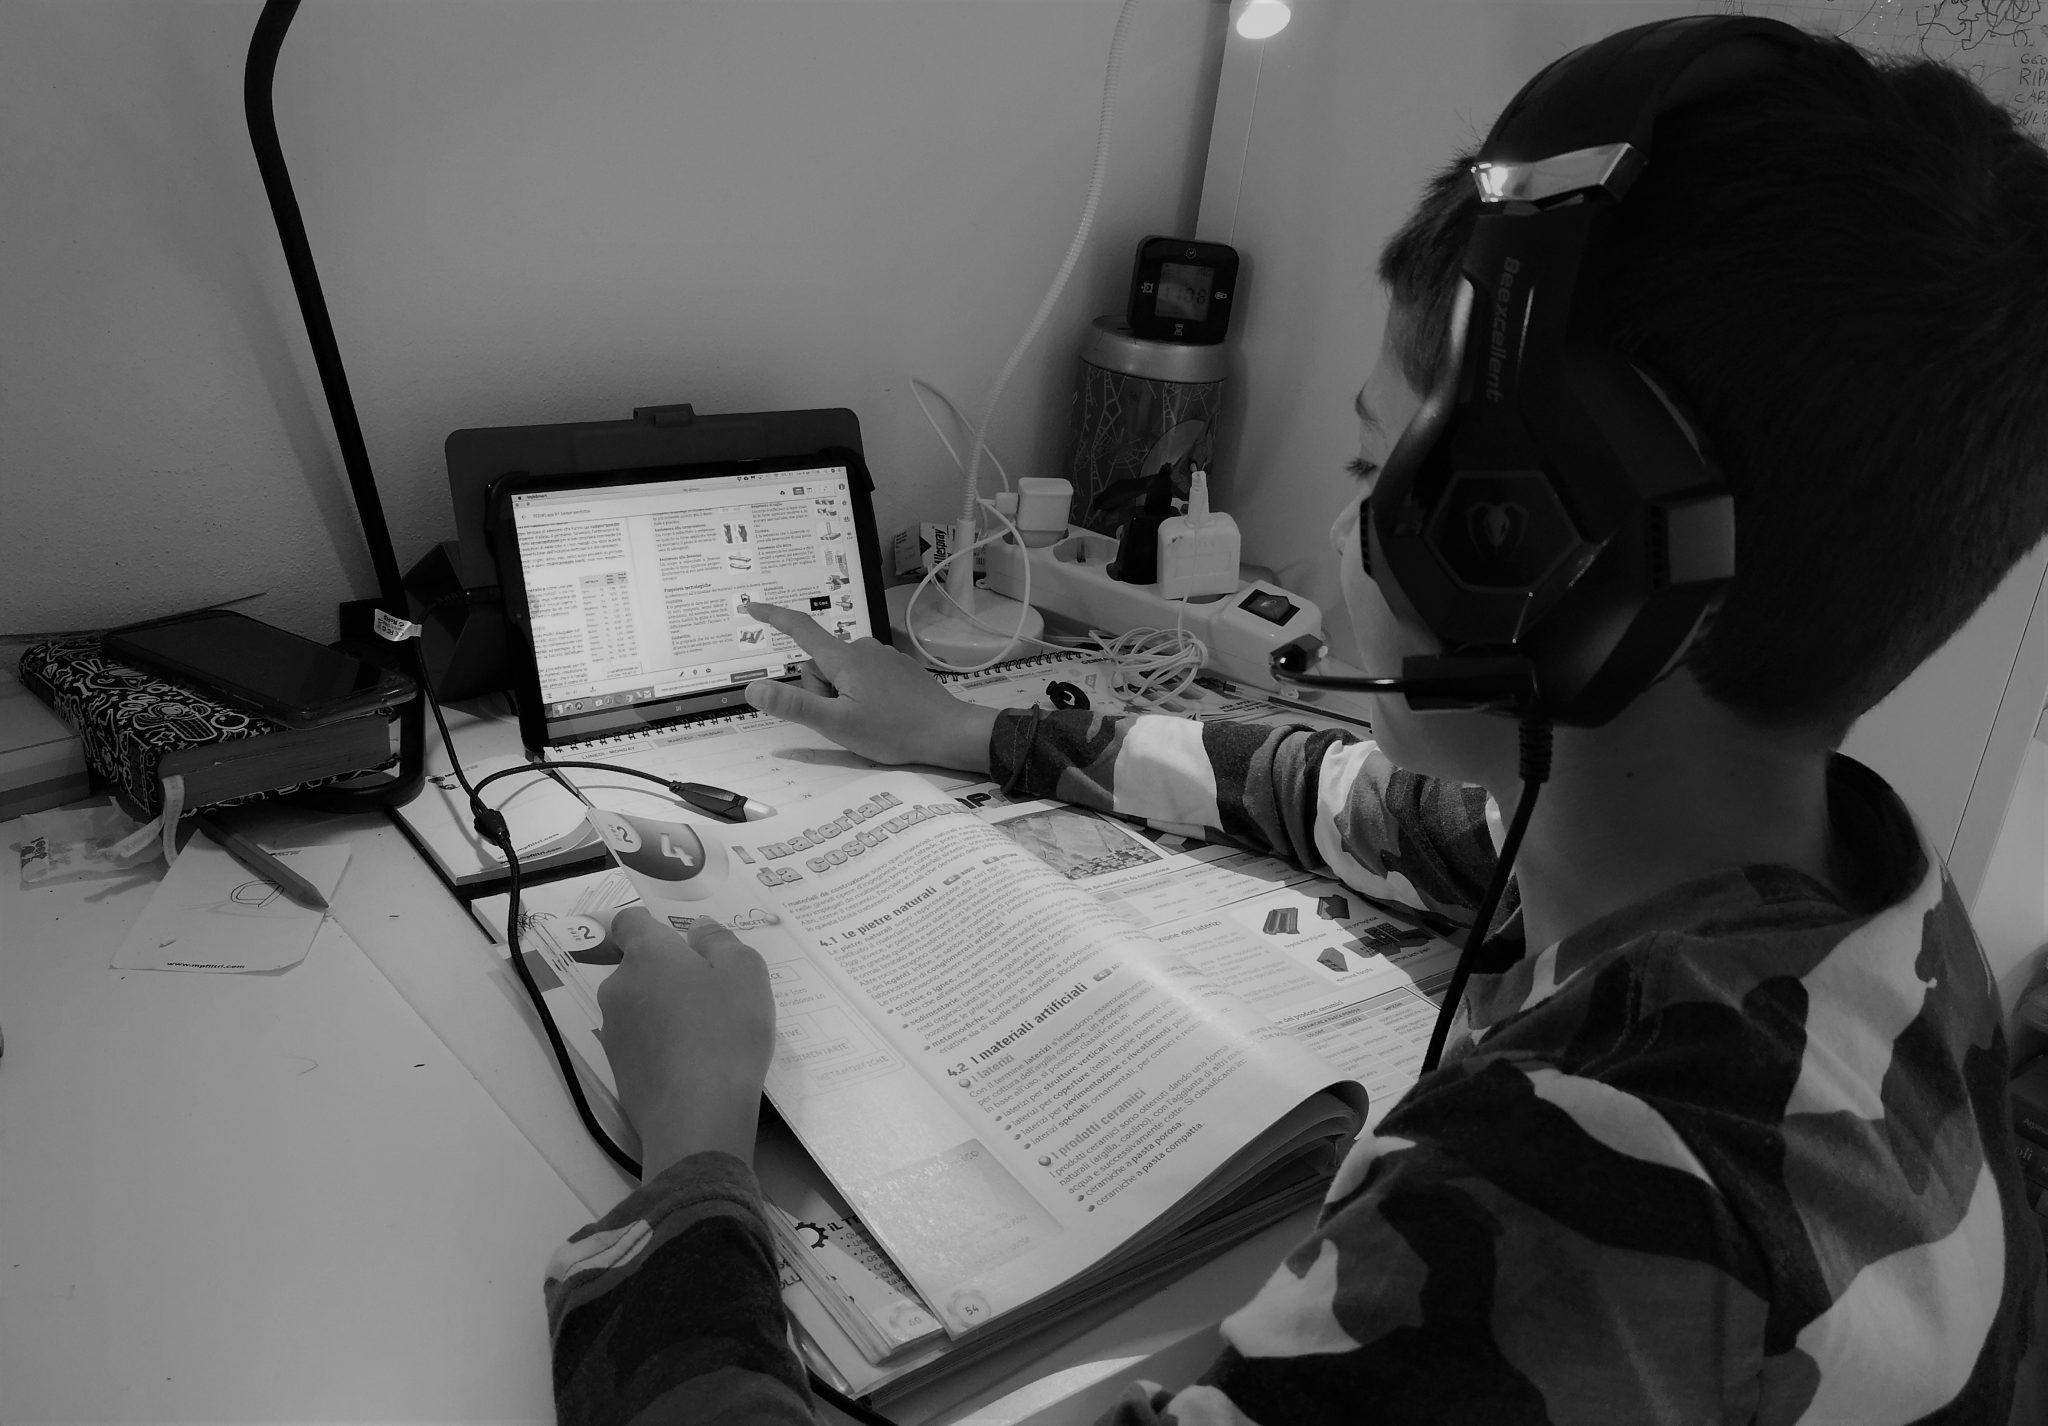 Tutti promossi gli studenti italiani costretti alla didattica a distanza; come quello in foto, che studia da libro e tablet.